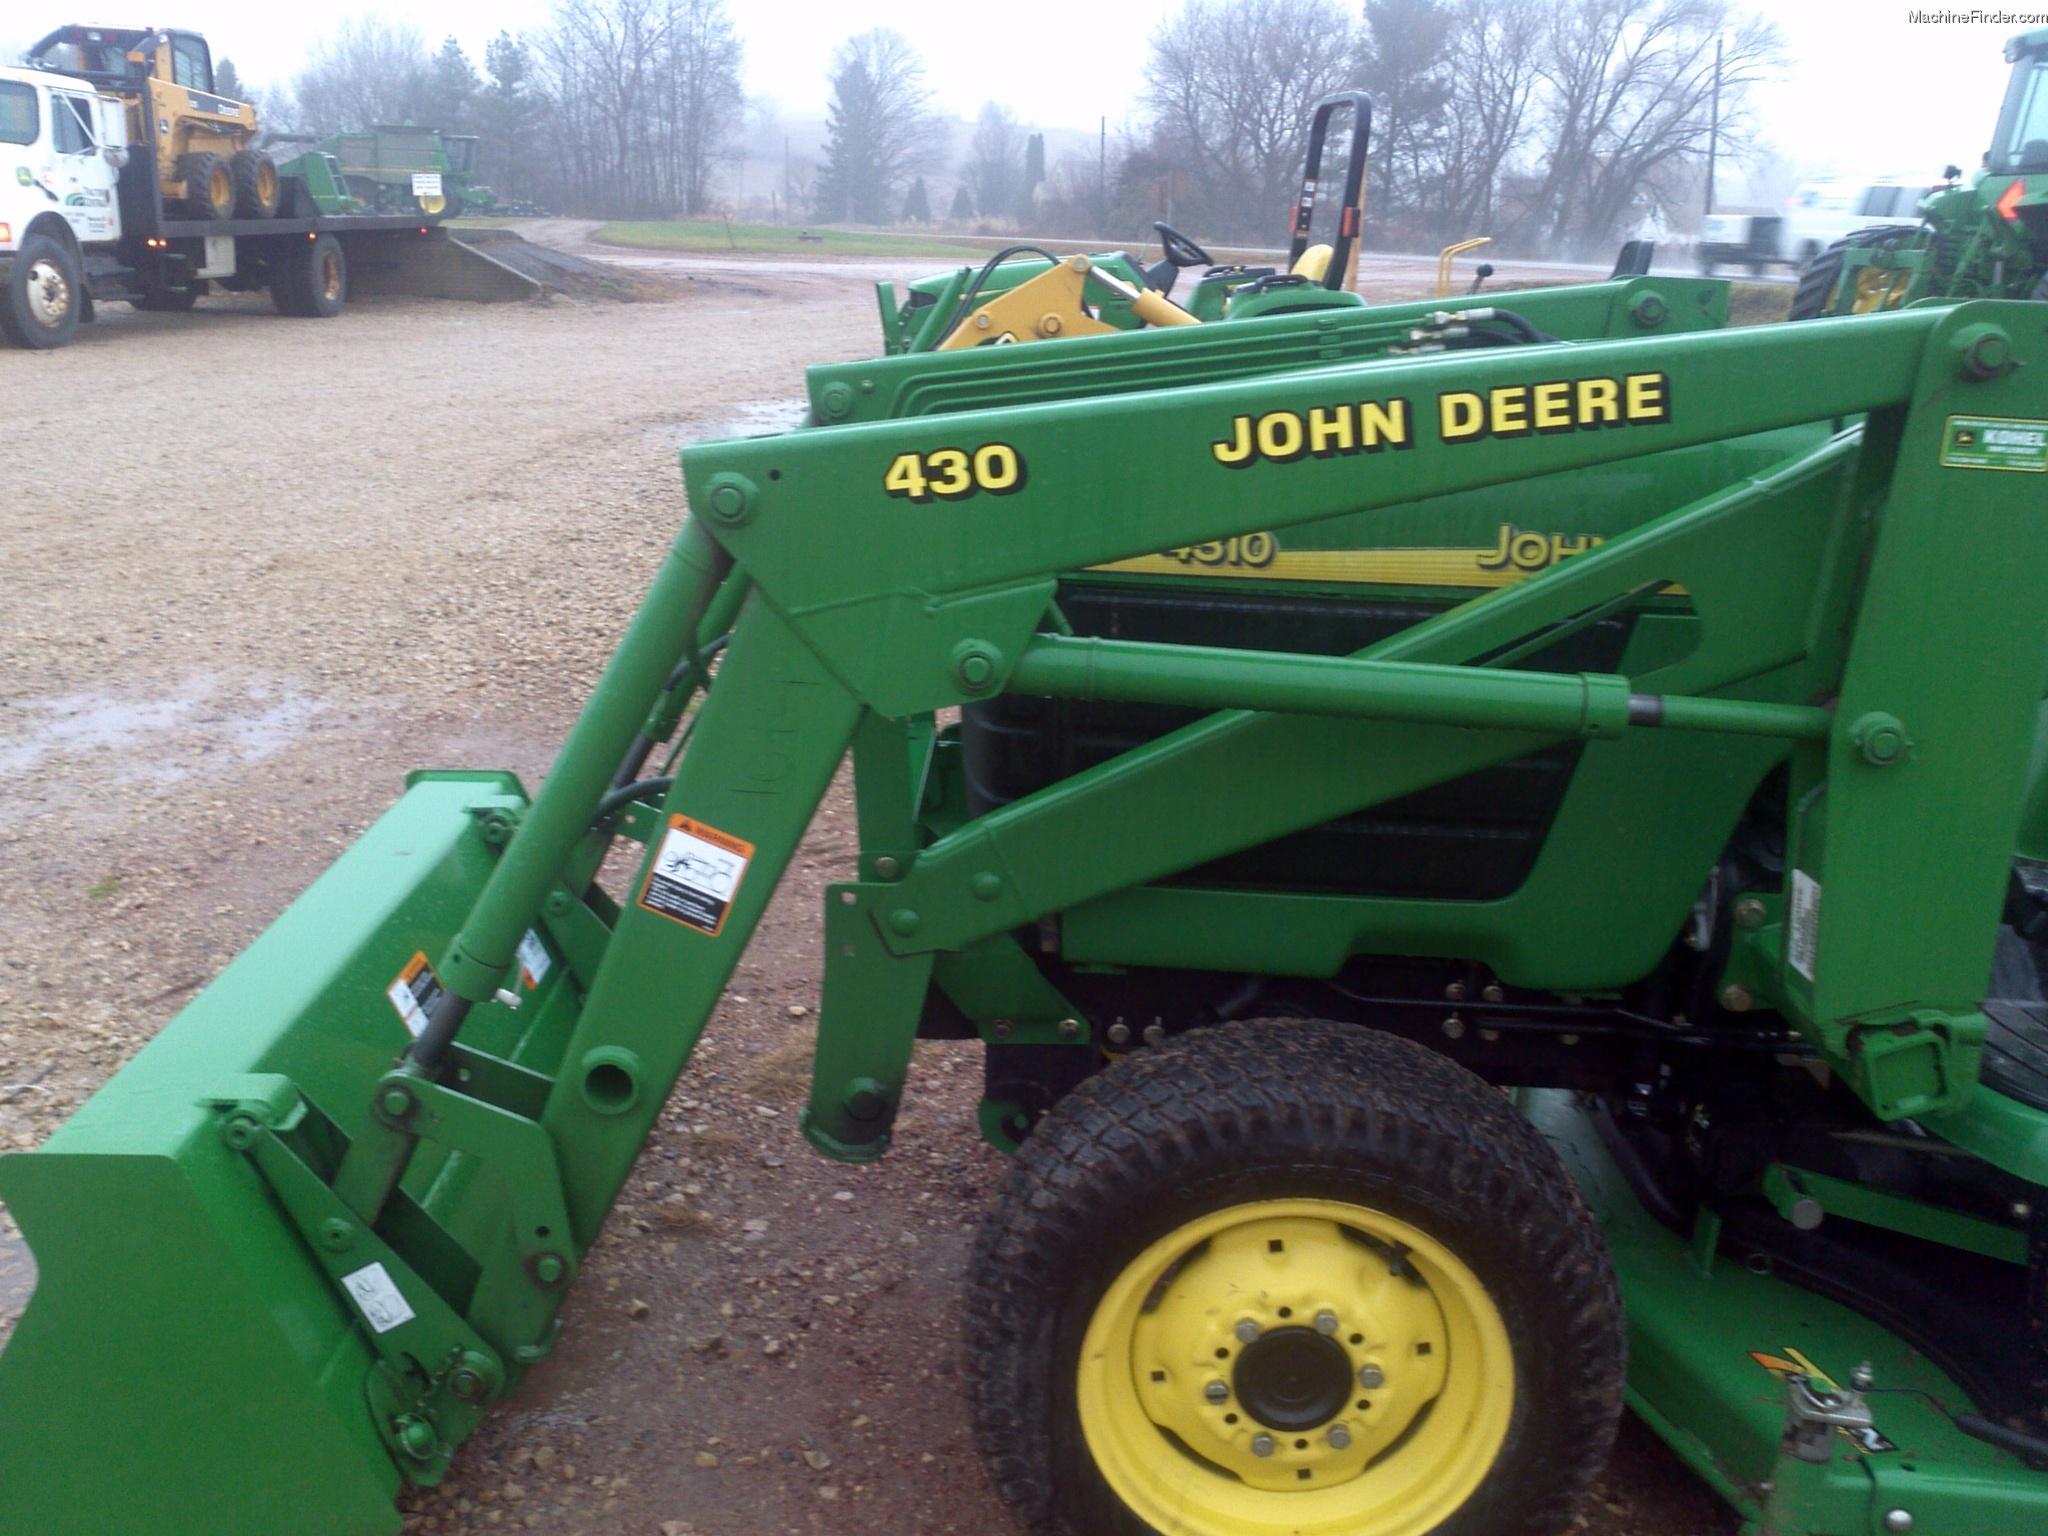 2000 John Deere 430 Tractor Loaders - John Deere MachineFinder